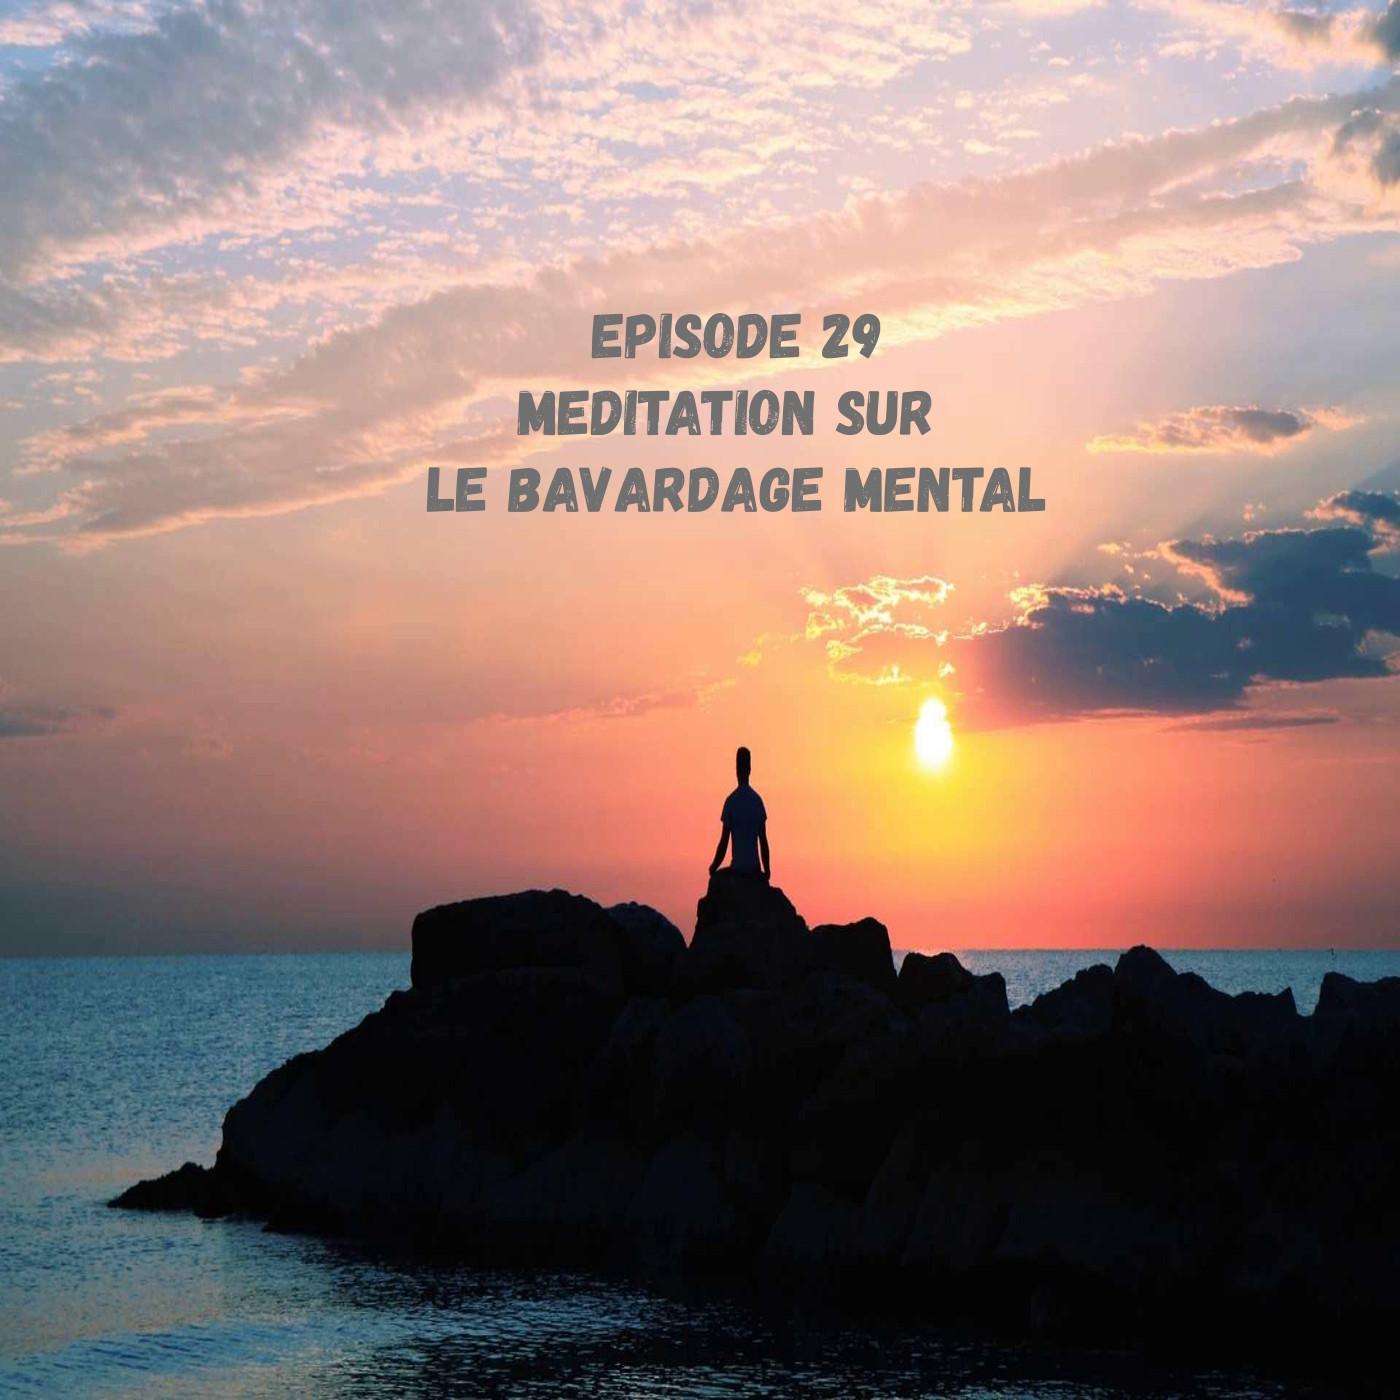 Episode 29 Maîtriser notre bavardage mental